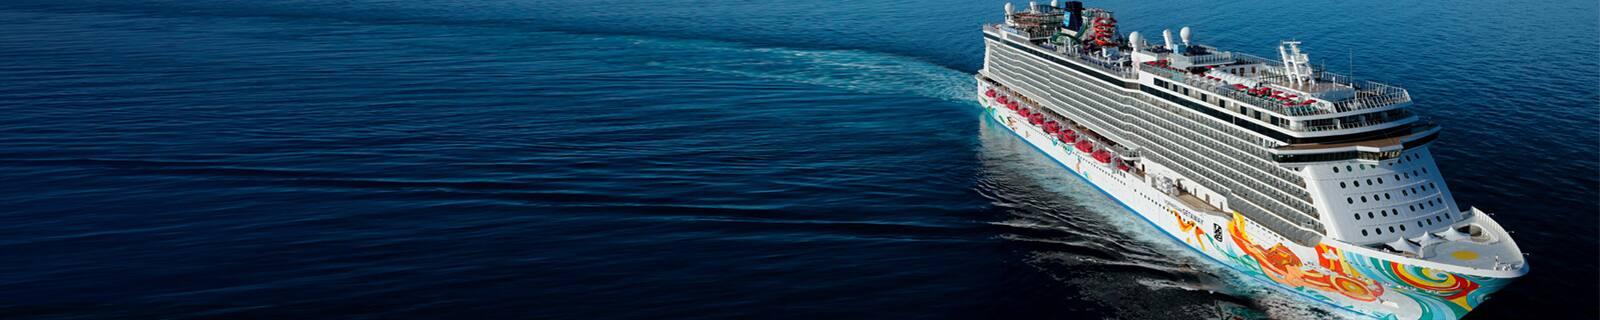 Lleva 5 de regalo de Norwegian | Cruceros y ofertas de cruceros